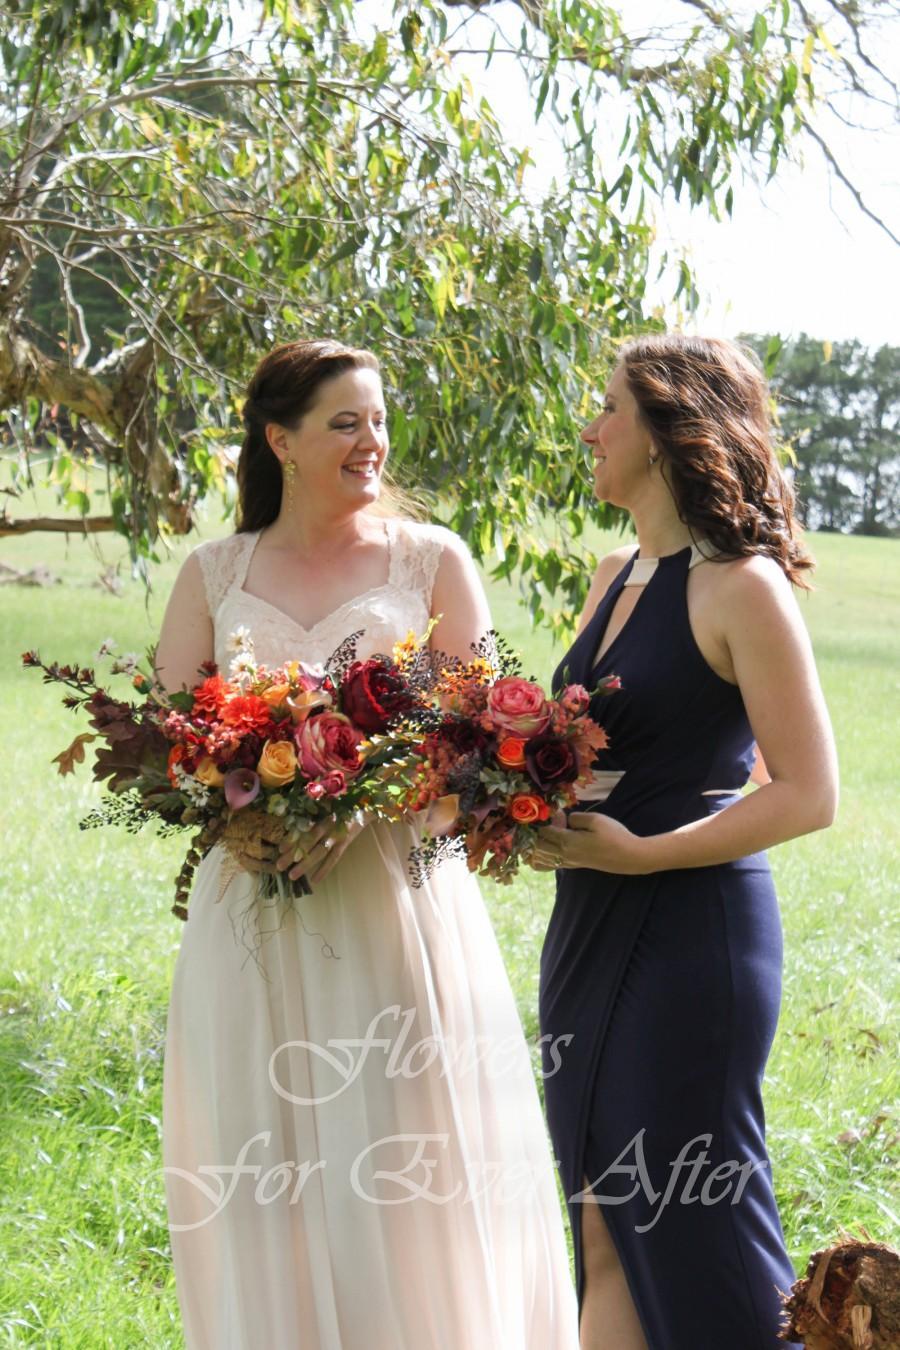 Wedding - Leanna Bride Bouquet, Boho bouquet, Rustic bride flowers, Autumn Fall Silk Wedding posy, Artificial Wedding Flowers, burnt orange burgundy